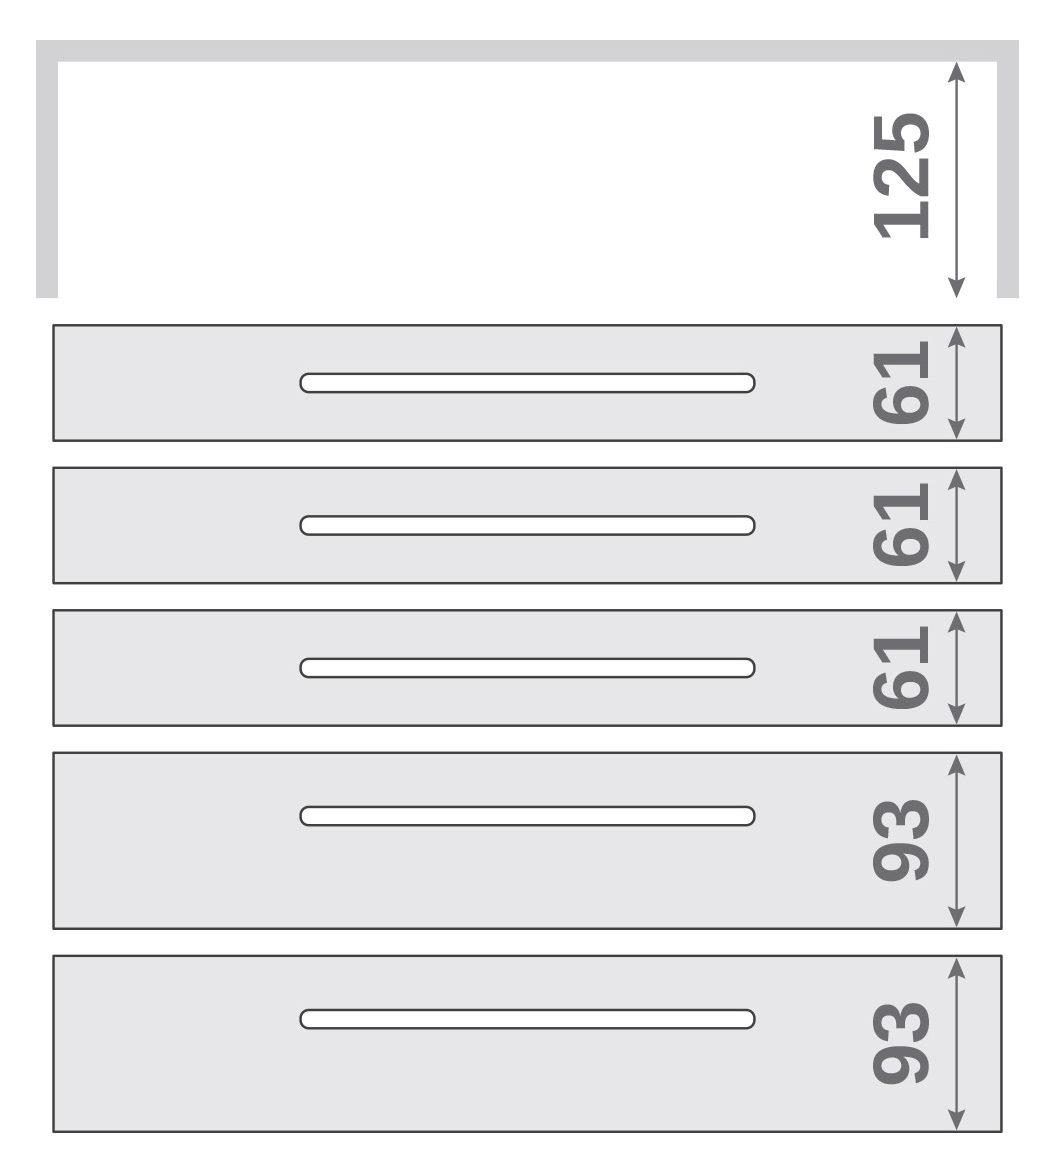 ПАНОК-СОЛО 500 long с полкой (каталожный номер 8.1-8.6), Каталожный номер 8.6